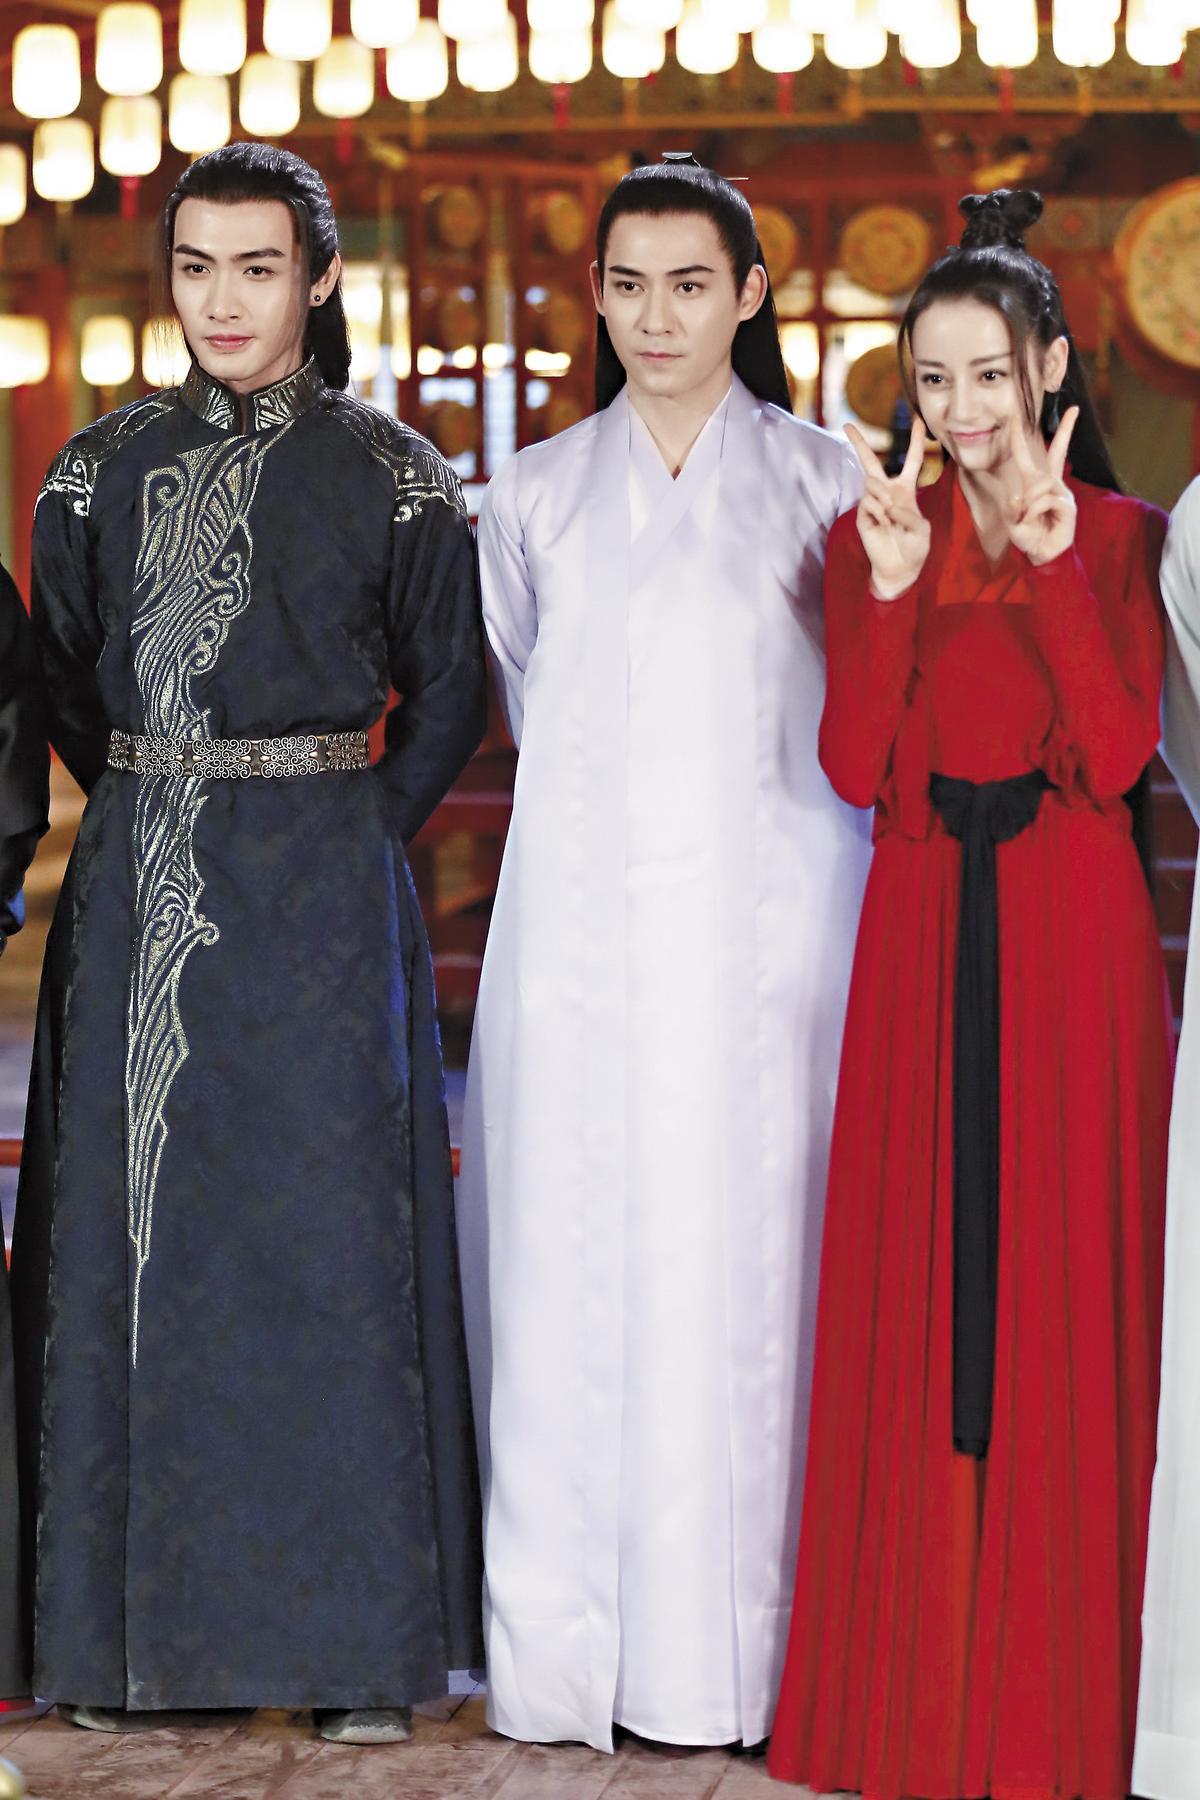 與仔仔(中)同劇演出的迪麗熱巴(右)和張彬彬(左)也都曾在《三生三世十里桃花》中演出。(東方IC)